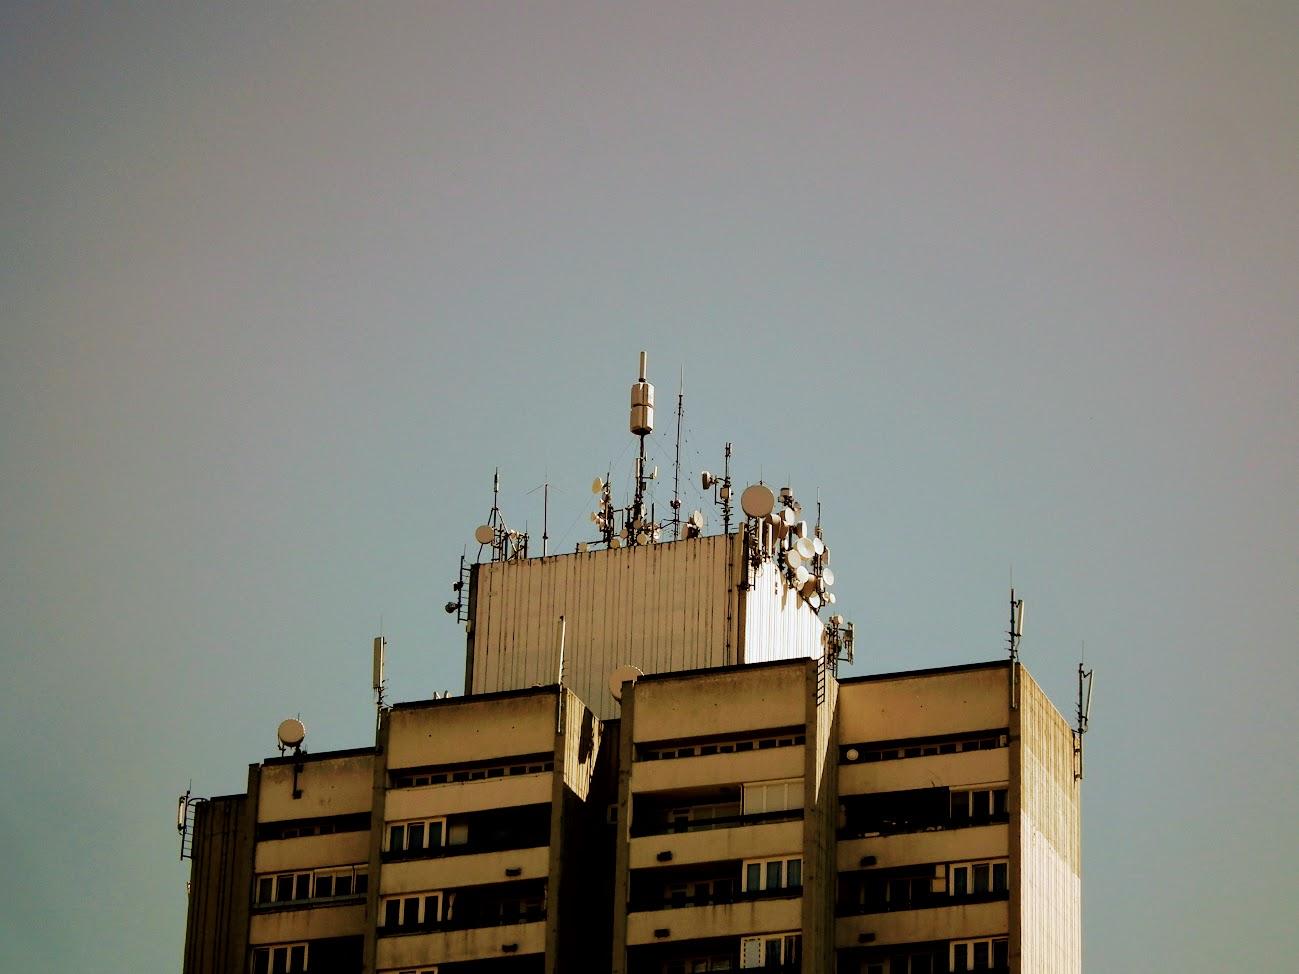 Szolnok/Jubileum tér, 24 m. toronyház - helyi URH-FM adóállomás